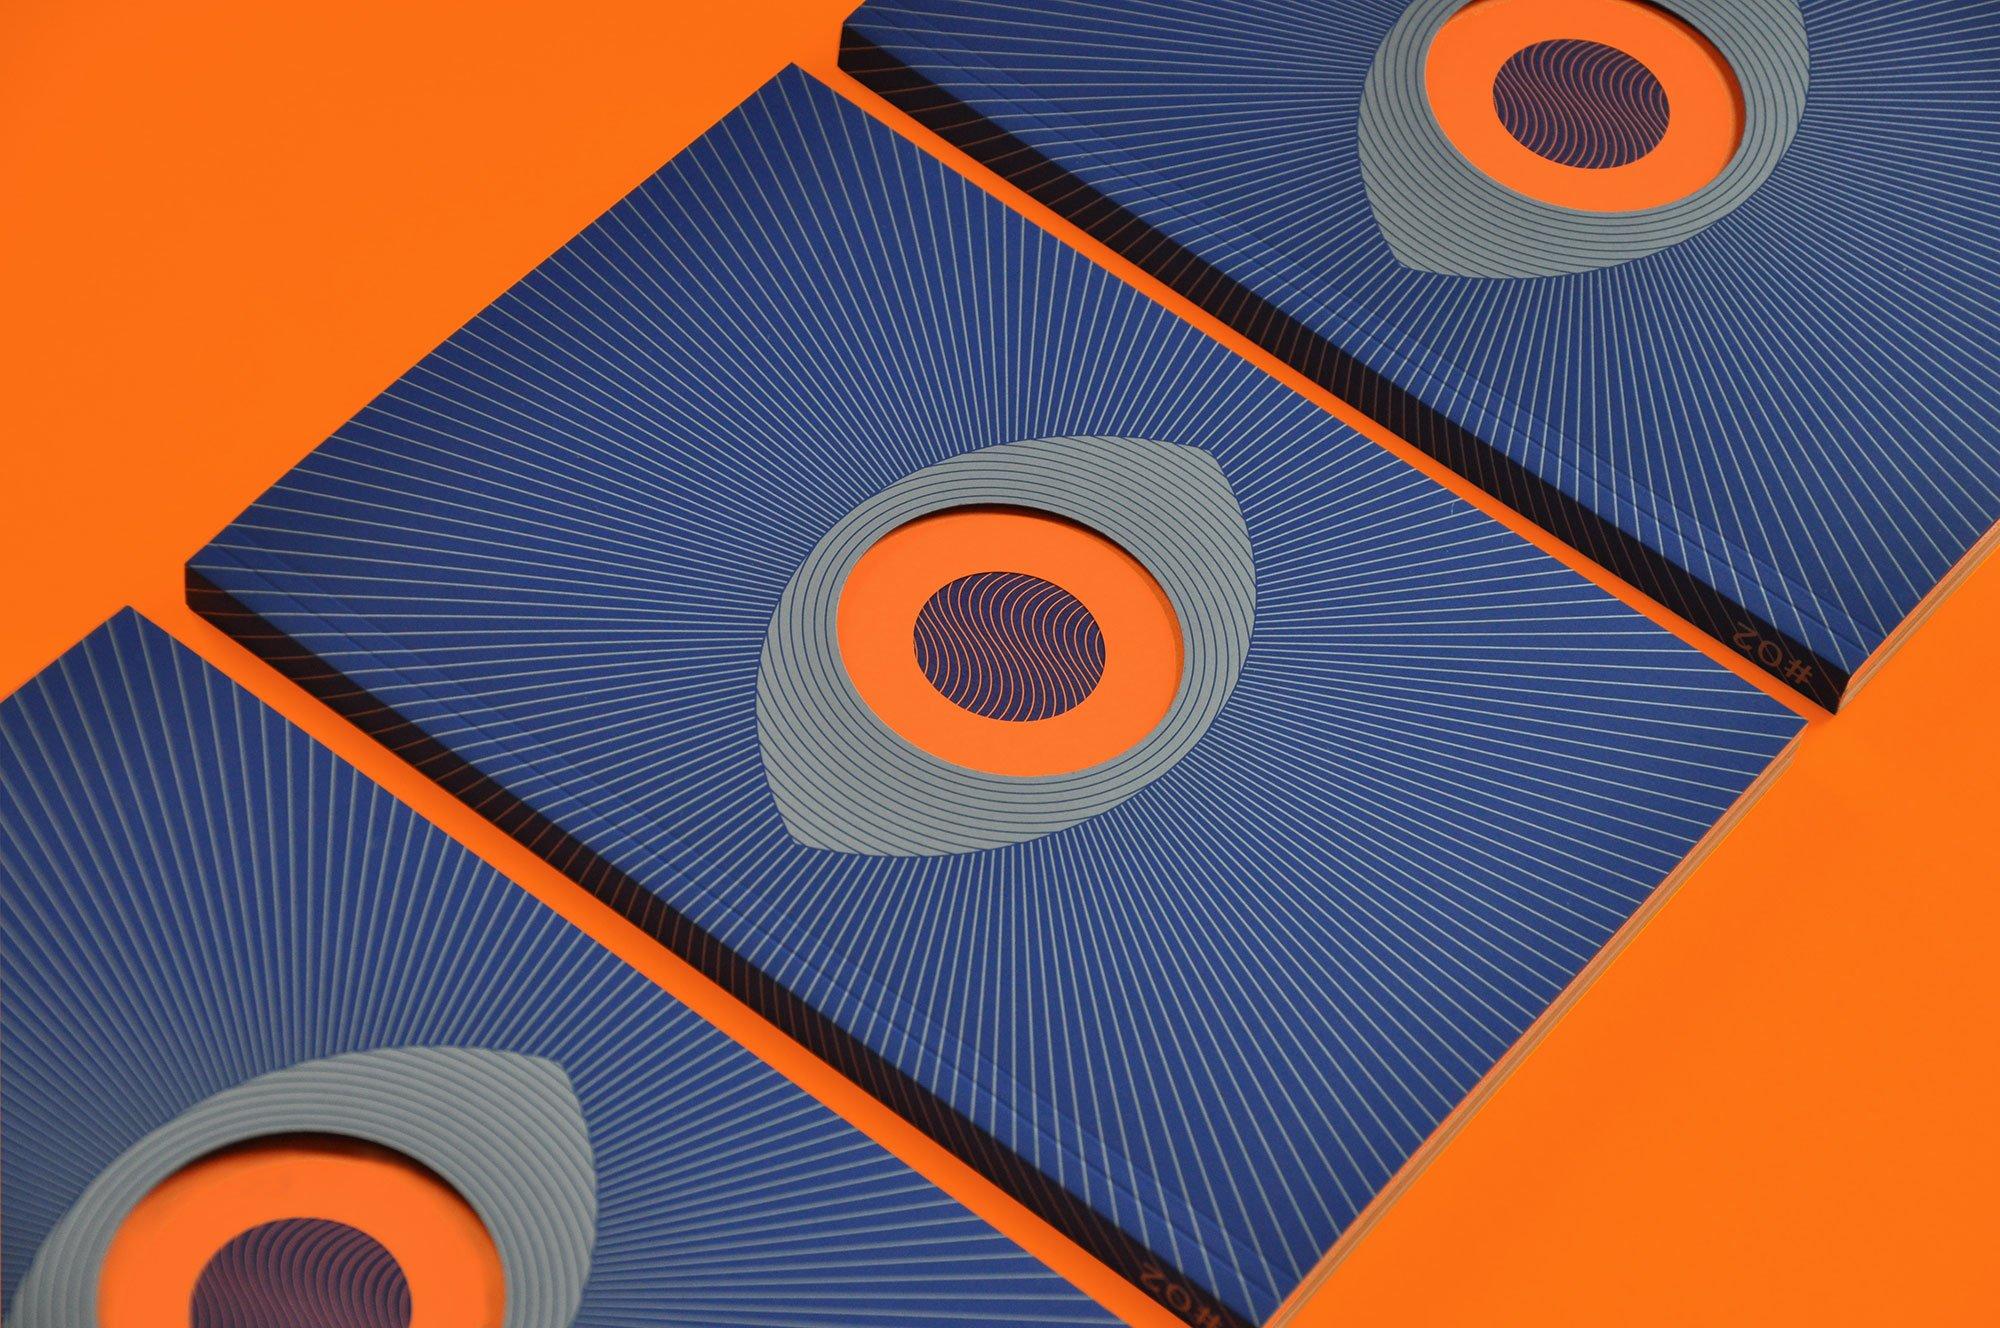 Di design ed esperienze psichedeliche: ecco il secondo numero di Eye on Design